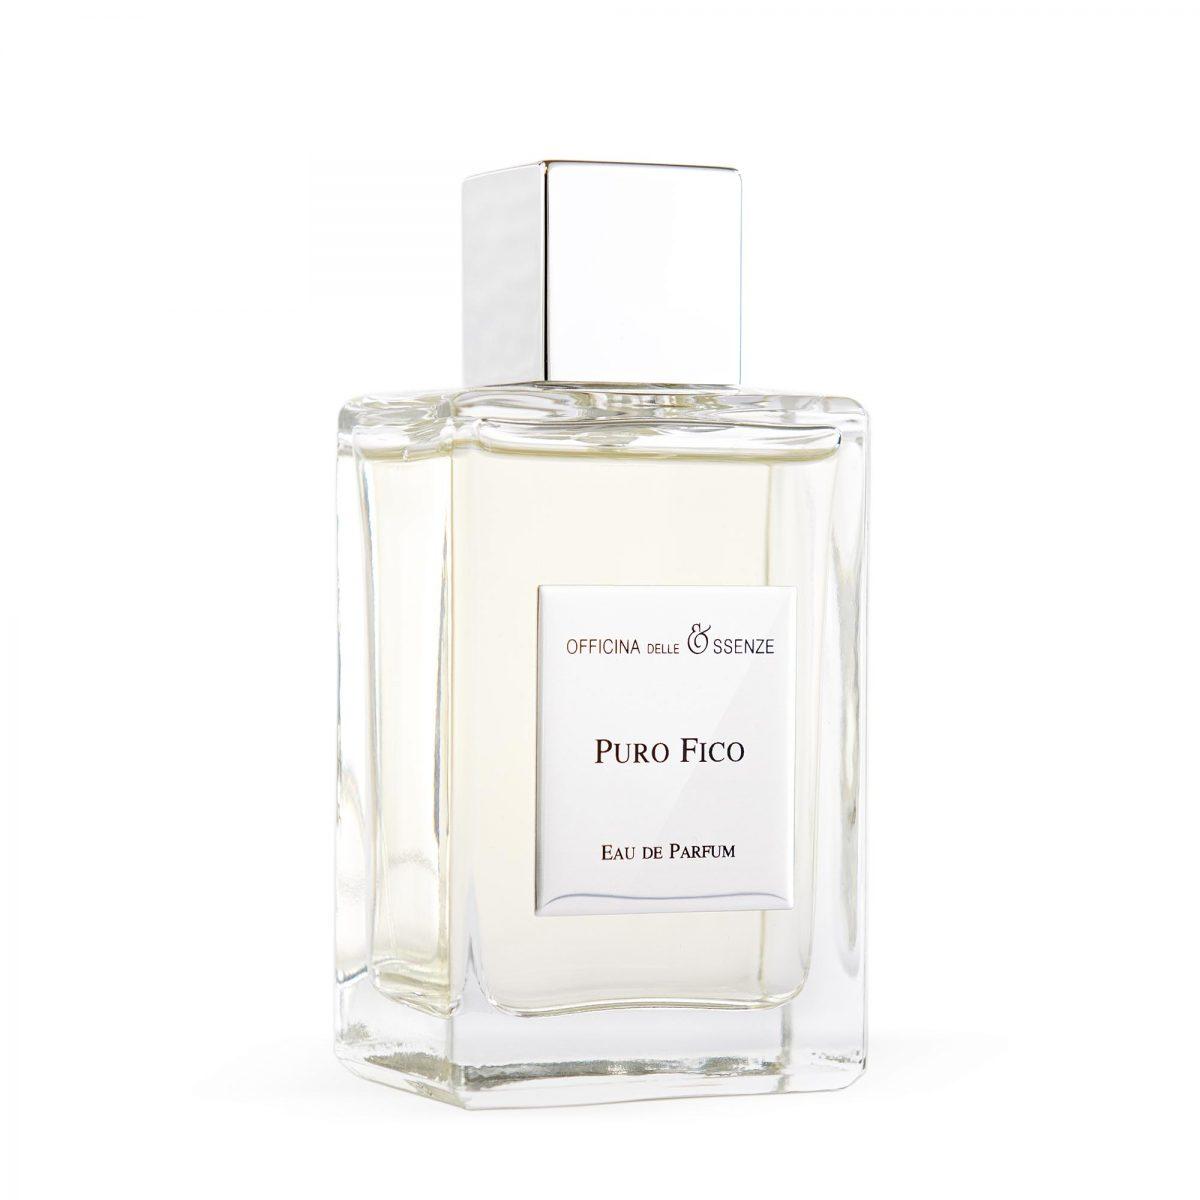 Puro Fico Officina delle Essenze niche perfume